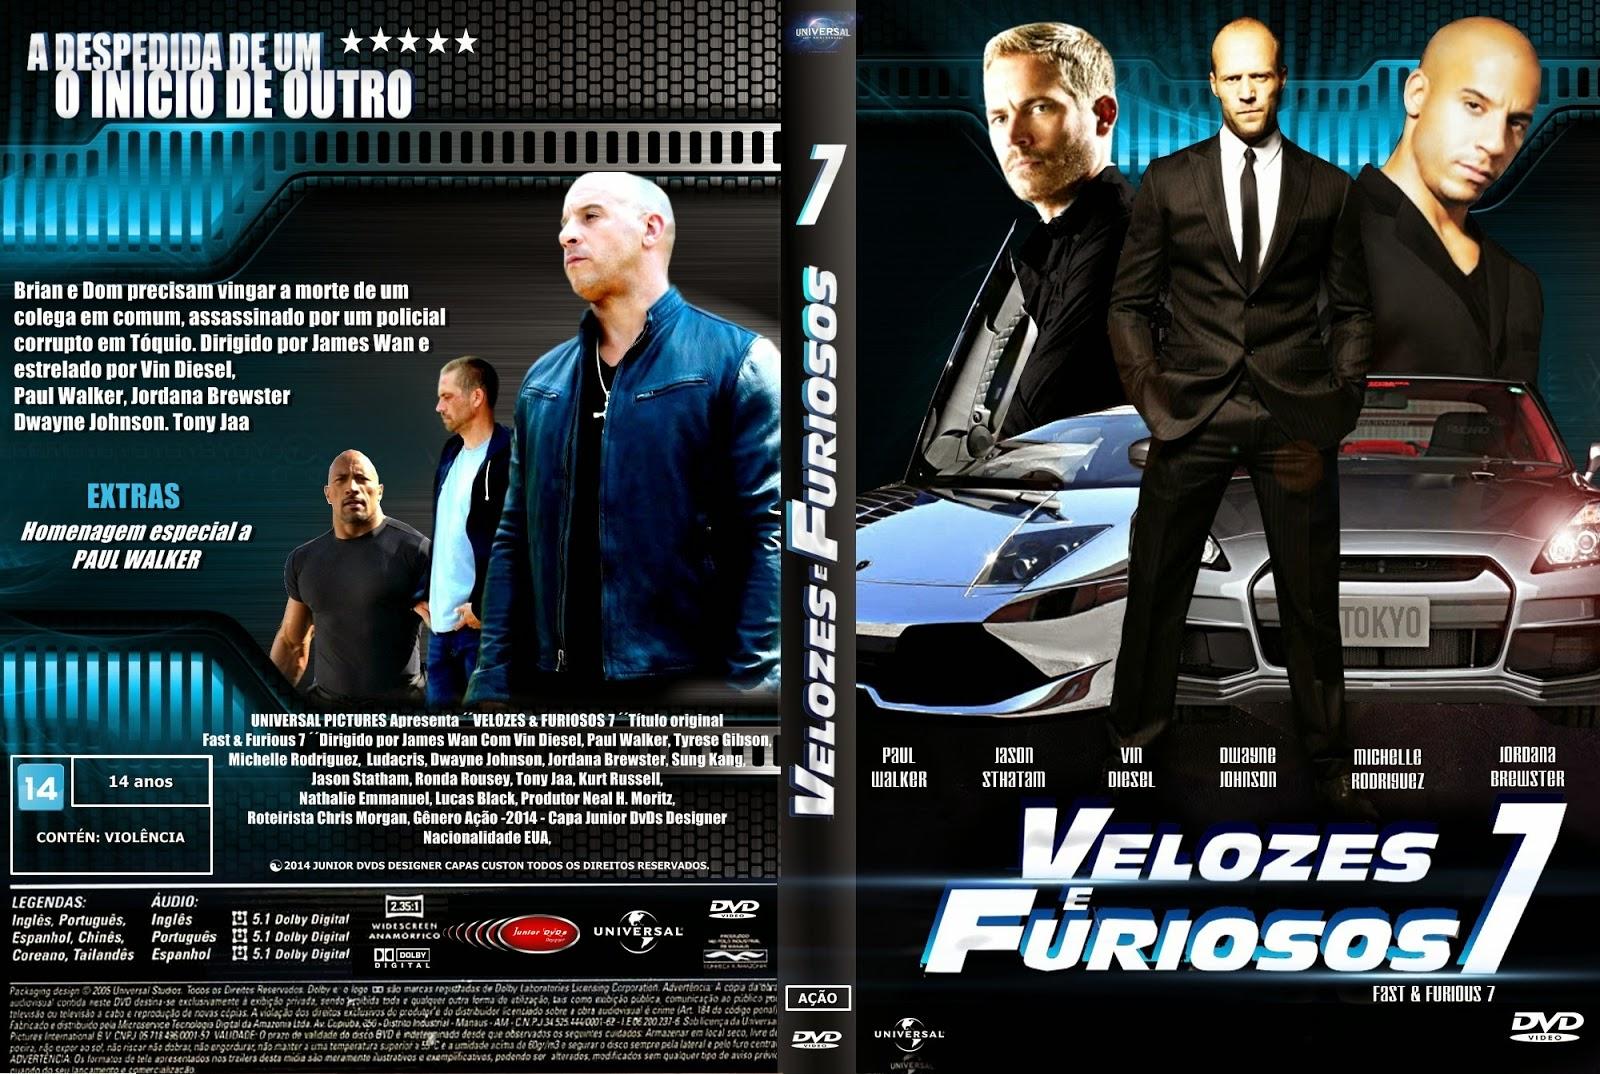 Download Velozes e Furiosos 7 HDTS XviD Dual Áudio CAPA DO FILME  VELOZES E FURIOSOS 7